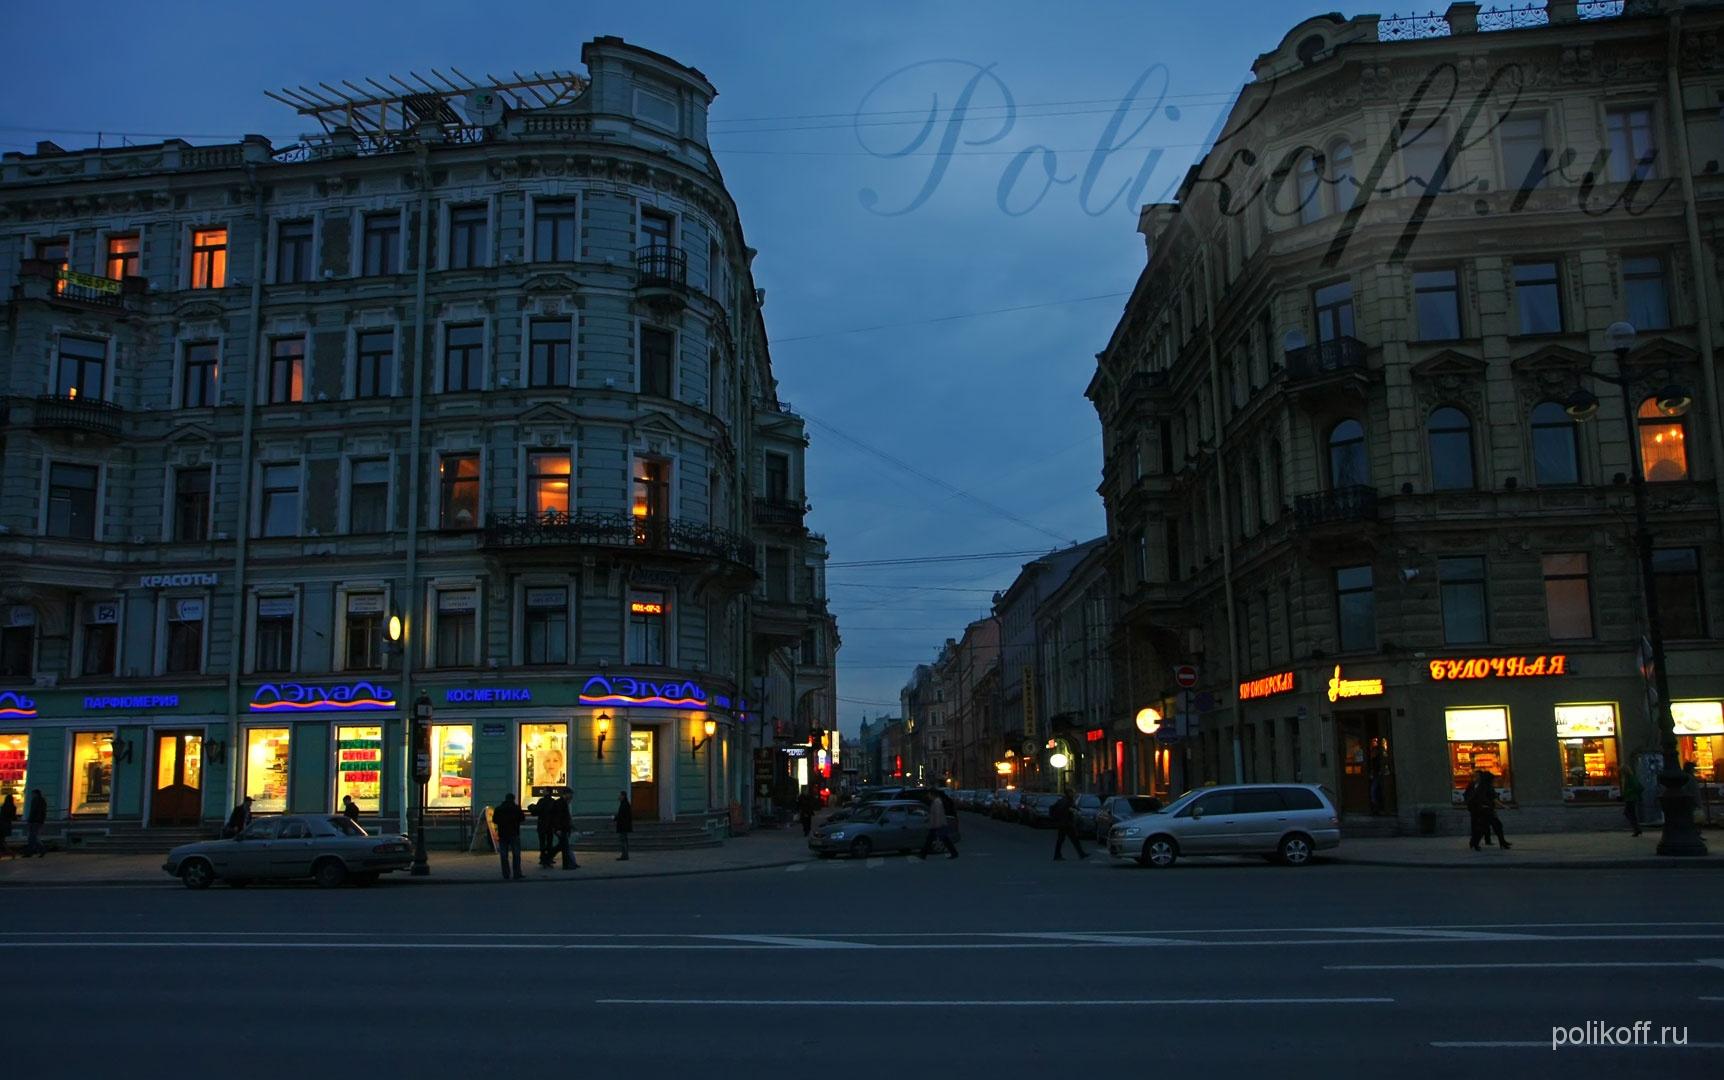 Мини отели в центре Питера